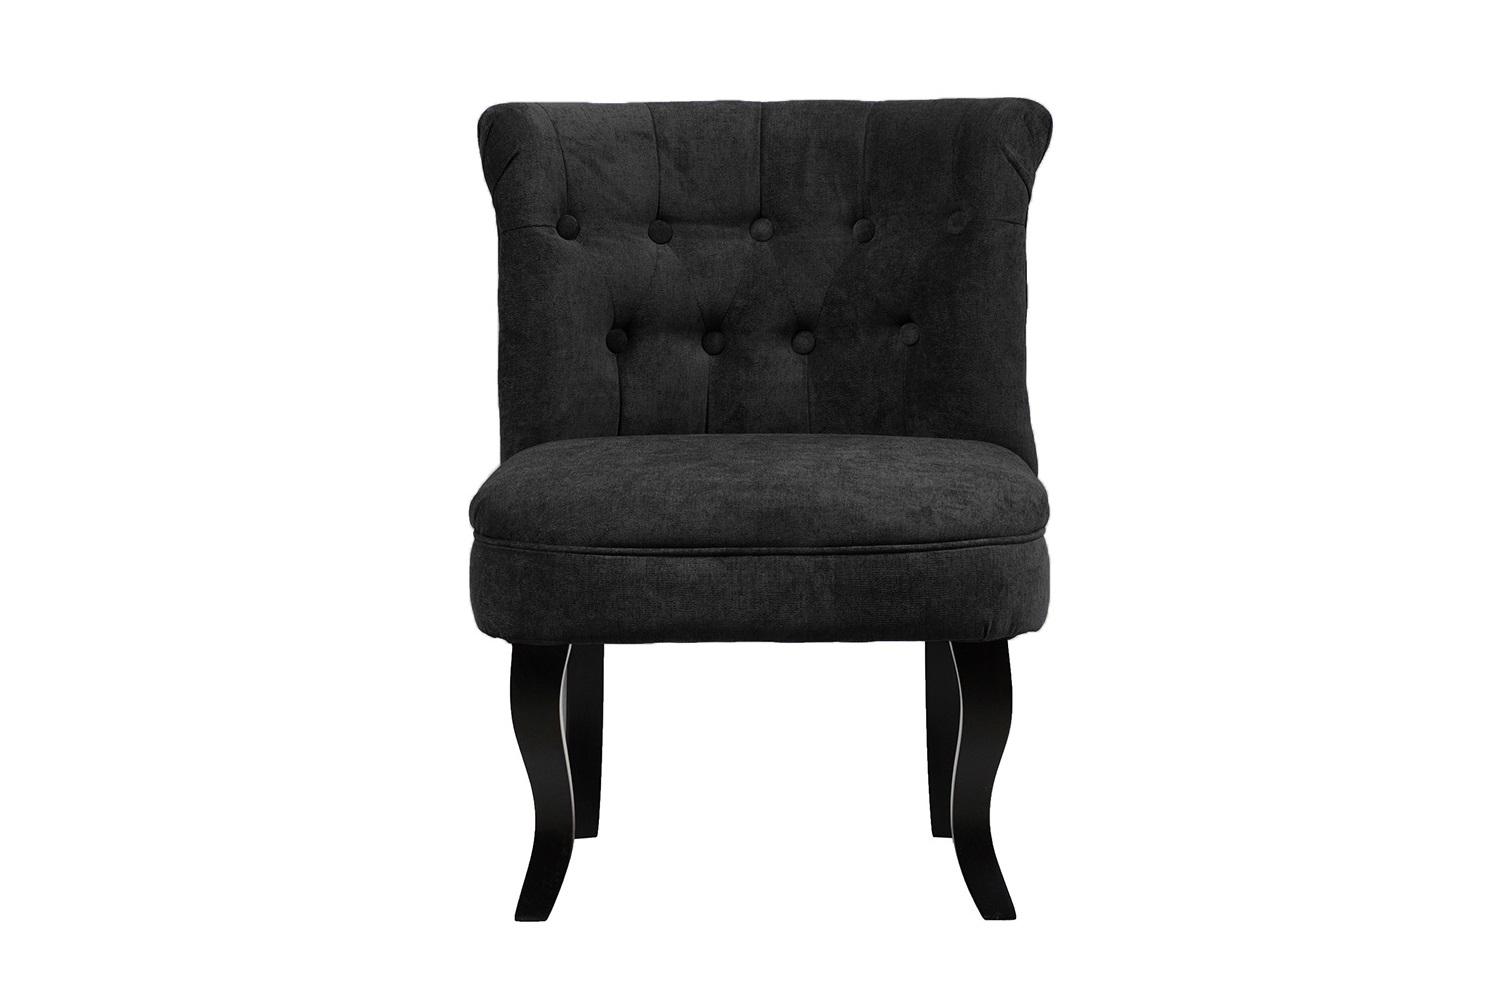 Кресло DawsonИнтерьерные кресла<br><br><br>Material: Велюр<br>Length см: None<br>Width см: 50<br>Depth см: 50<br>Height см: 73